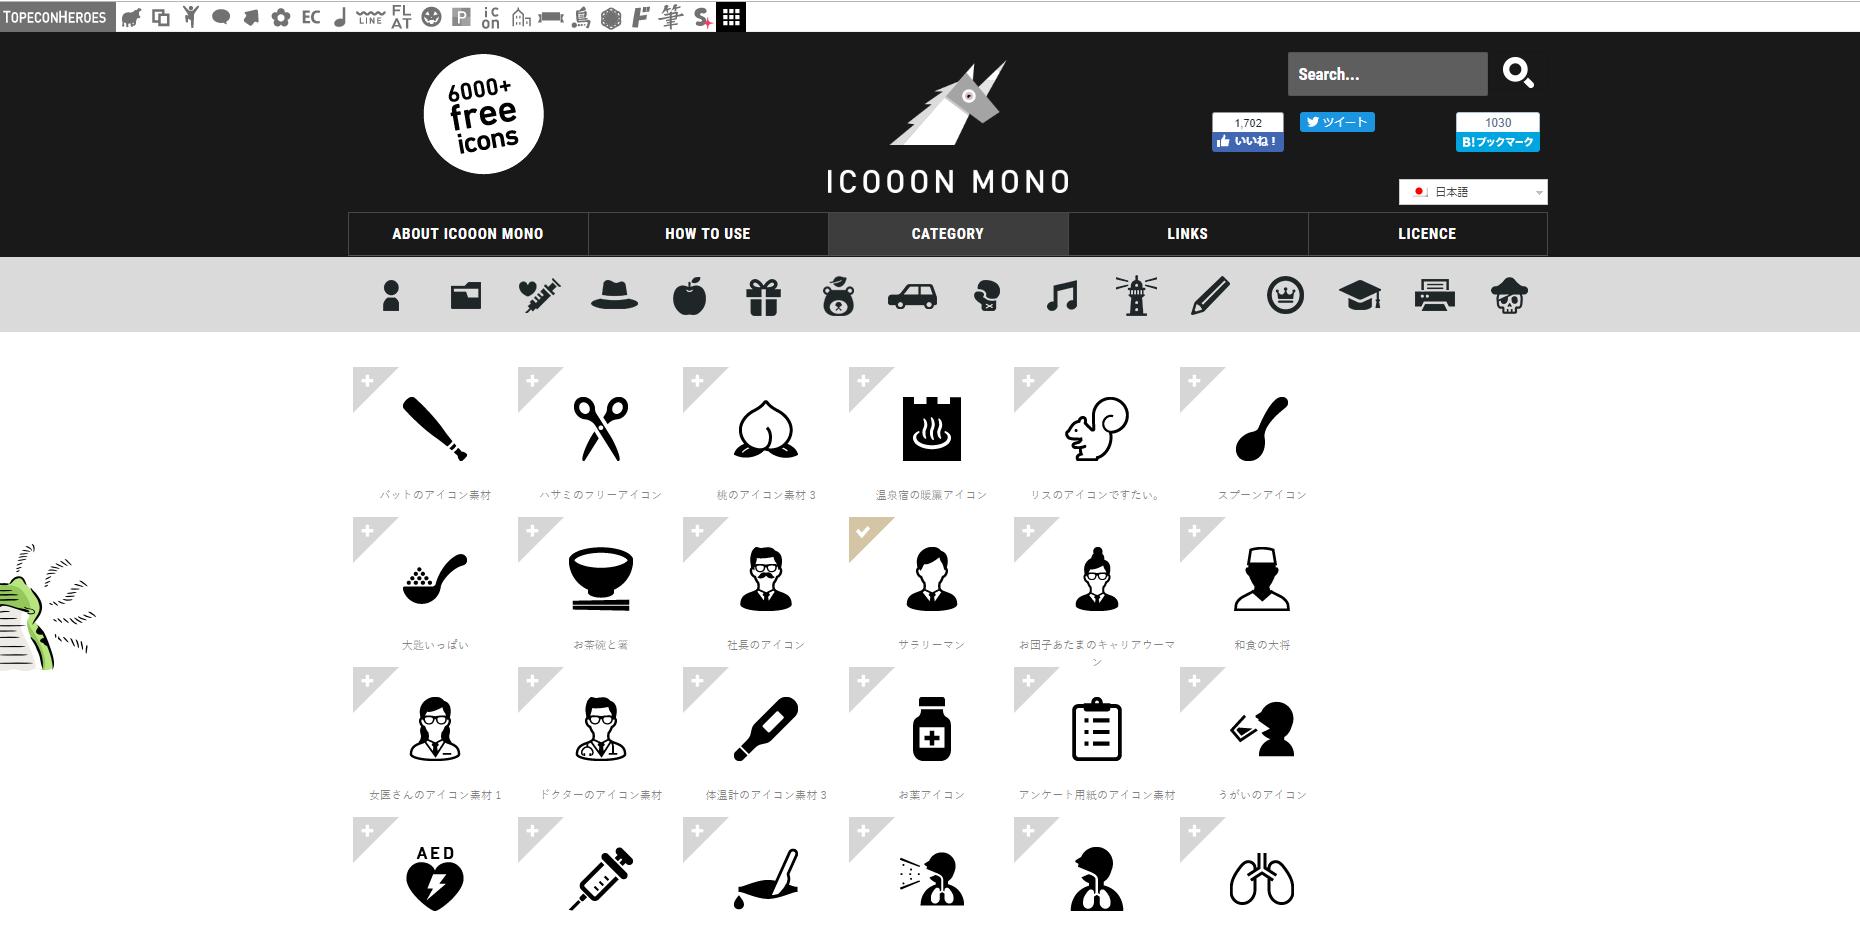 ICOOON MONO